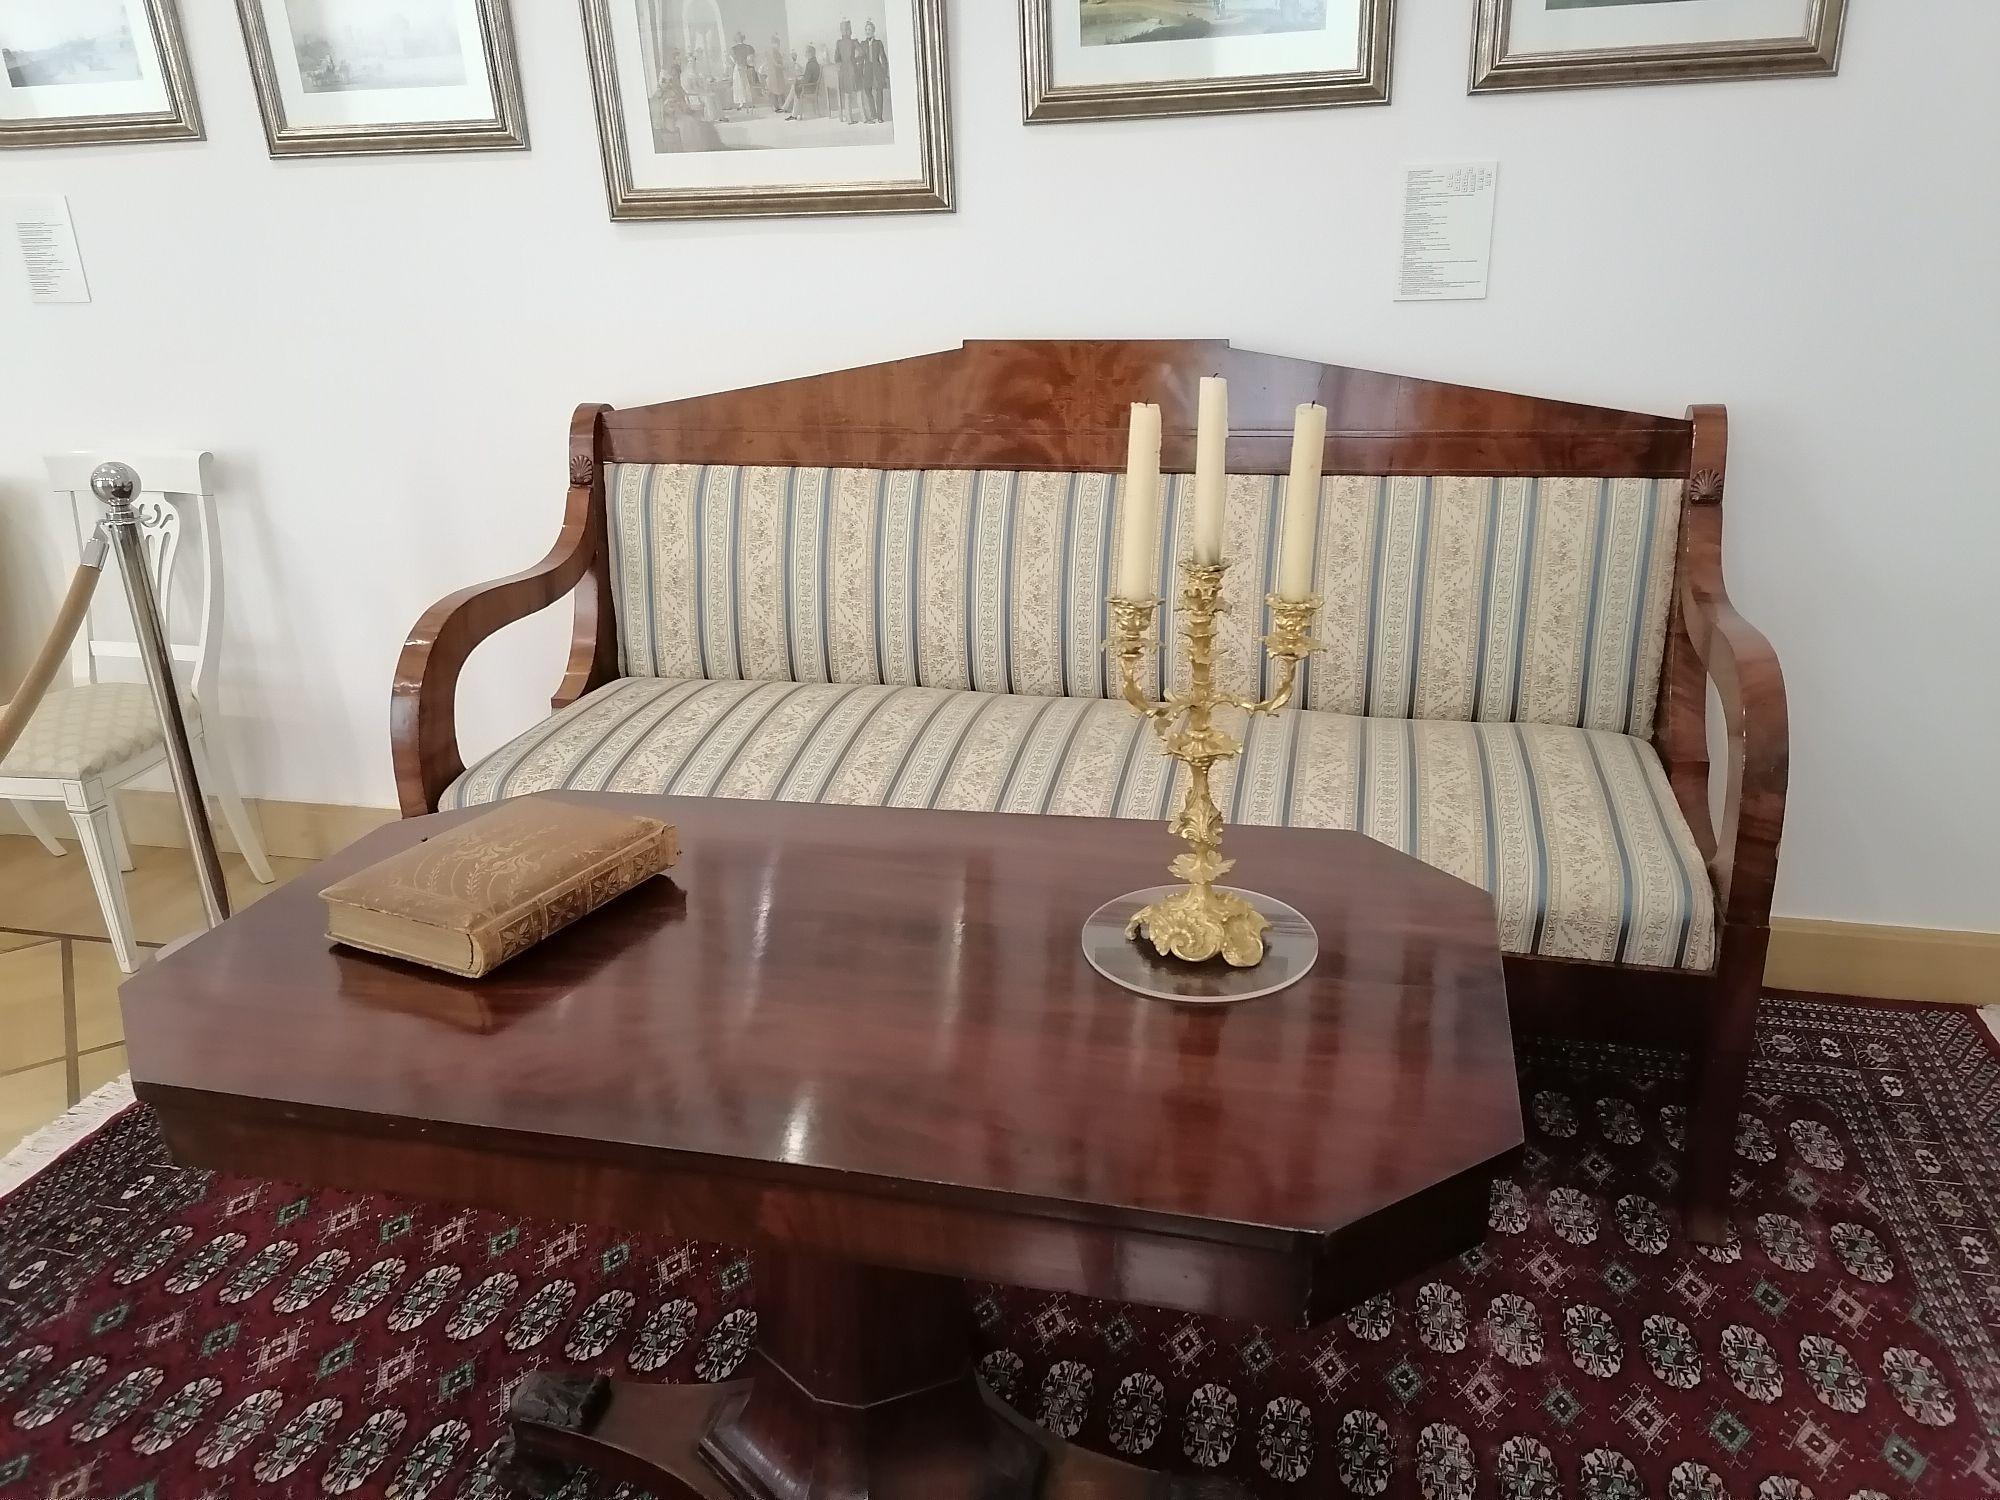 Узнав, что на стульчике посидеть нельзя, сын присмотрел себе красивый диванчик со столиком.